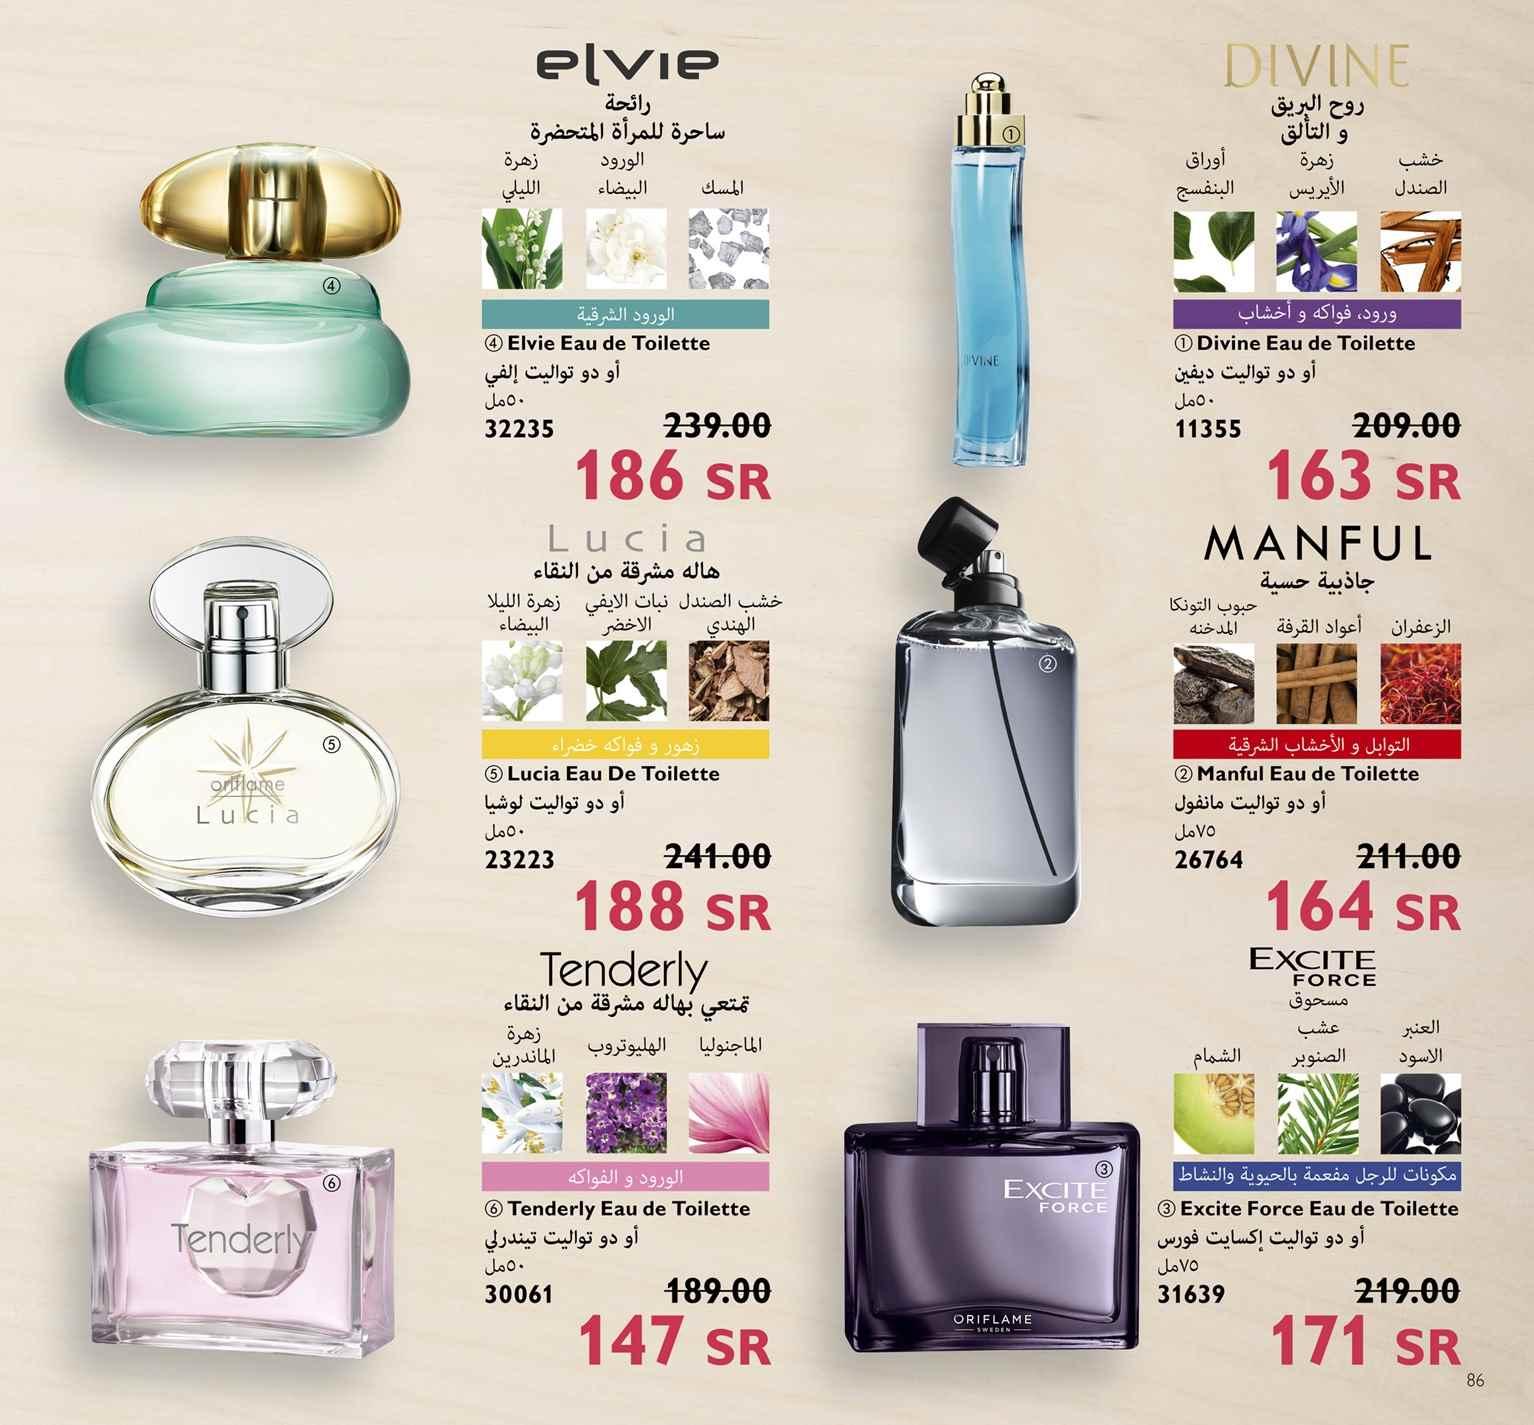 منتجات سويدية متنوعة وبجودة عالية ومناسبة لجميع افراد الاسرة - استمتعي برفاهية استعمال المنتجات السويدية والطبيعية